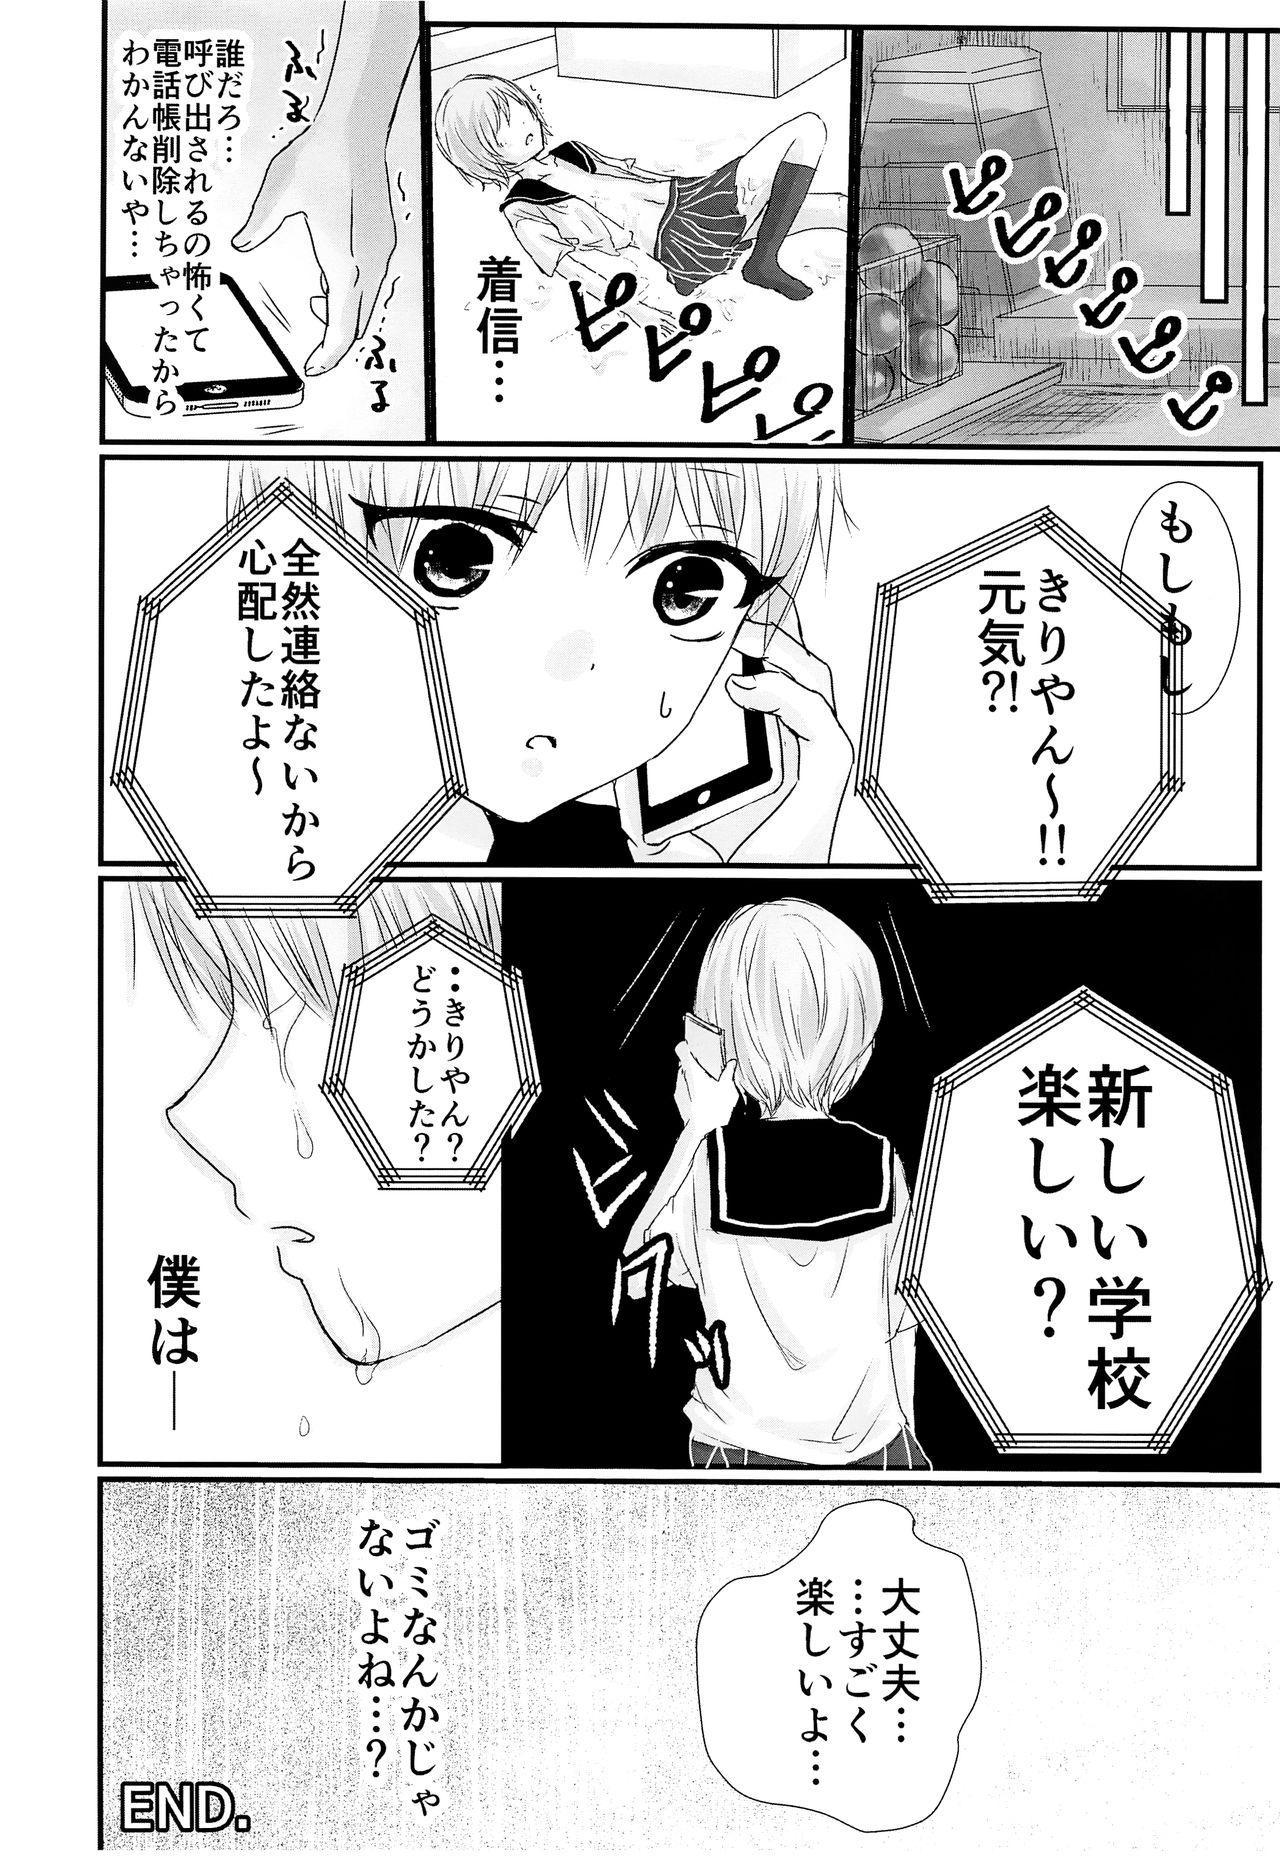 Sailor Fuku o Nugasetara 28